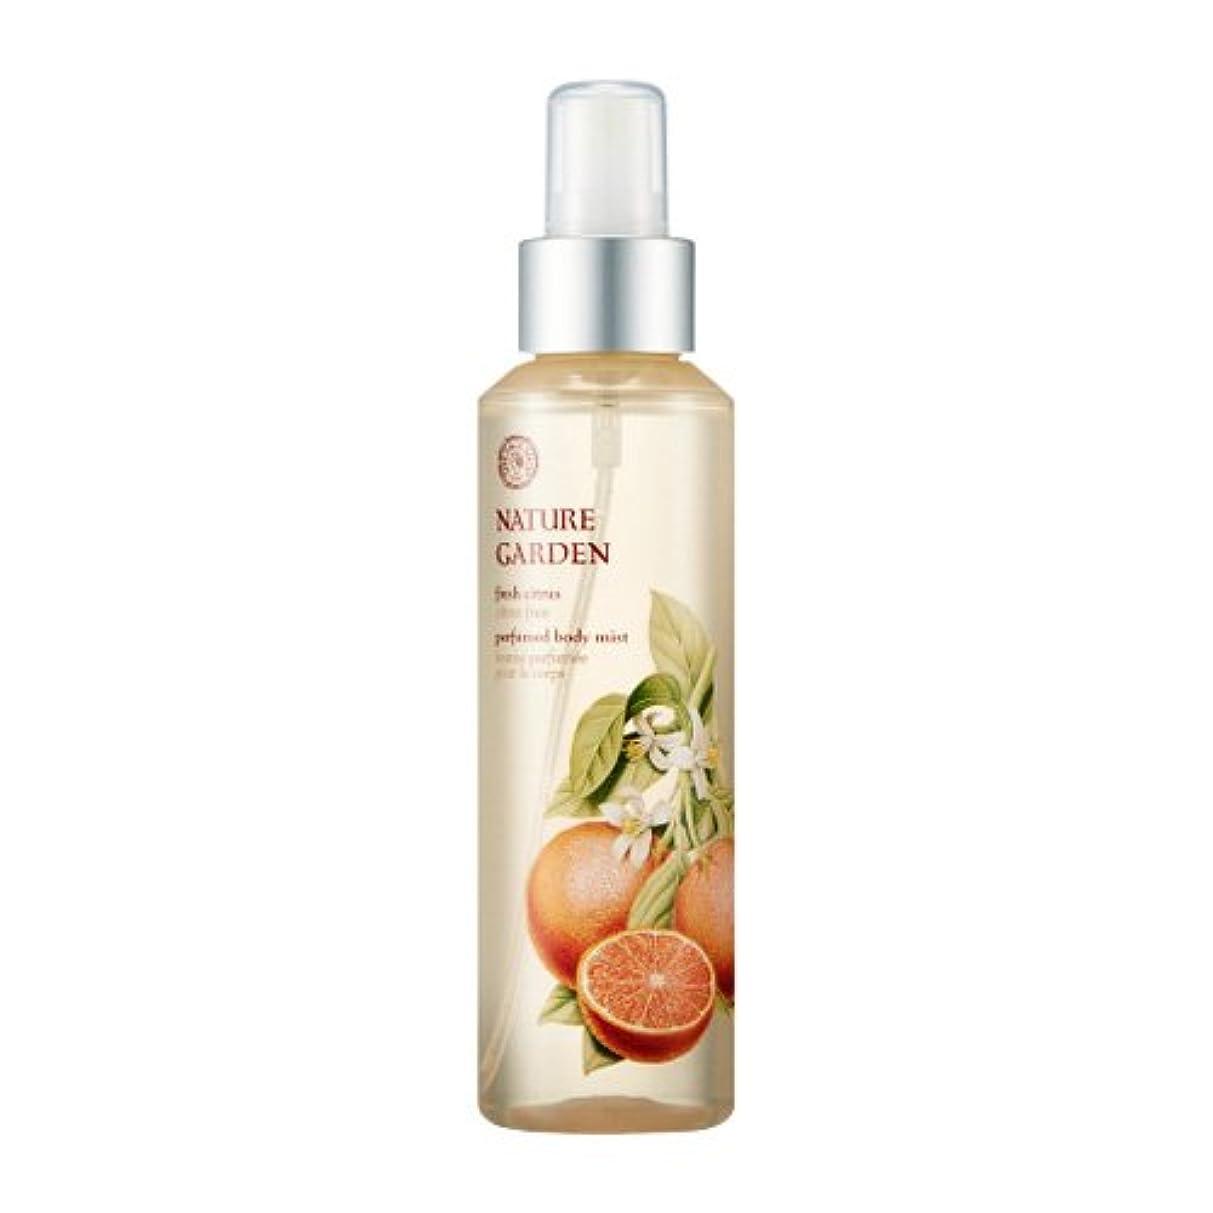 癌大佐顕現THE FACE SHOP NATURE GARDEN (Fresh Citrus) Perfume Body Mist 155ml / ザ?フェイスショップ ネイチャーガーデン パフューム ボディミスト [並行輸入品]